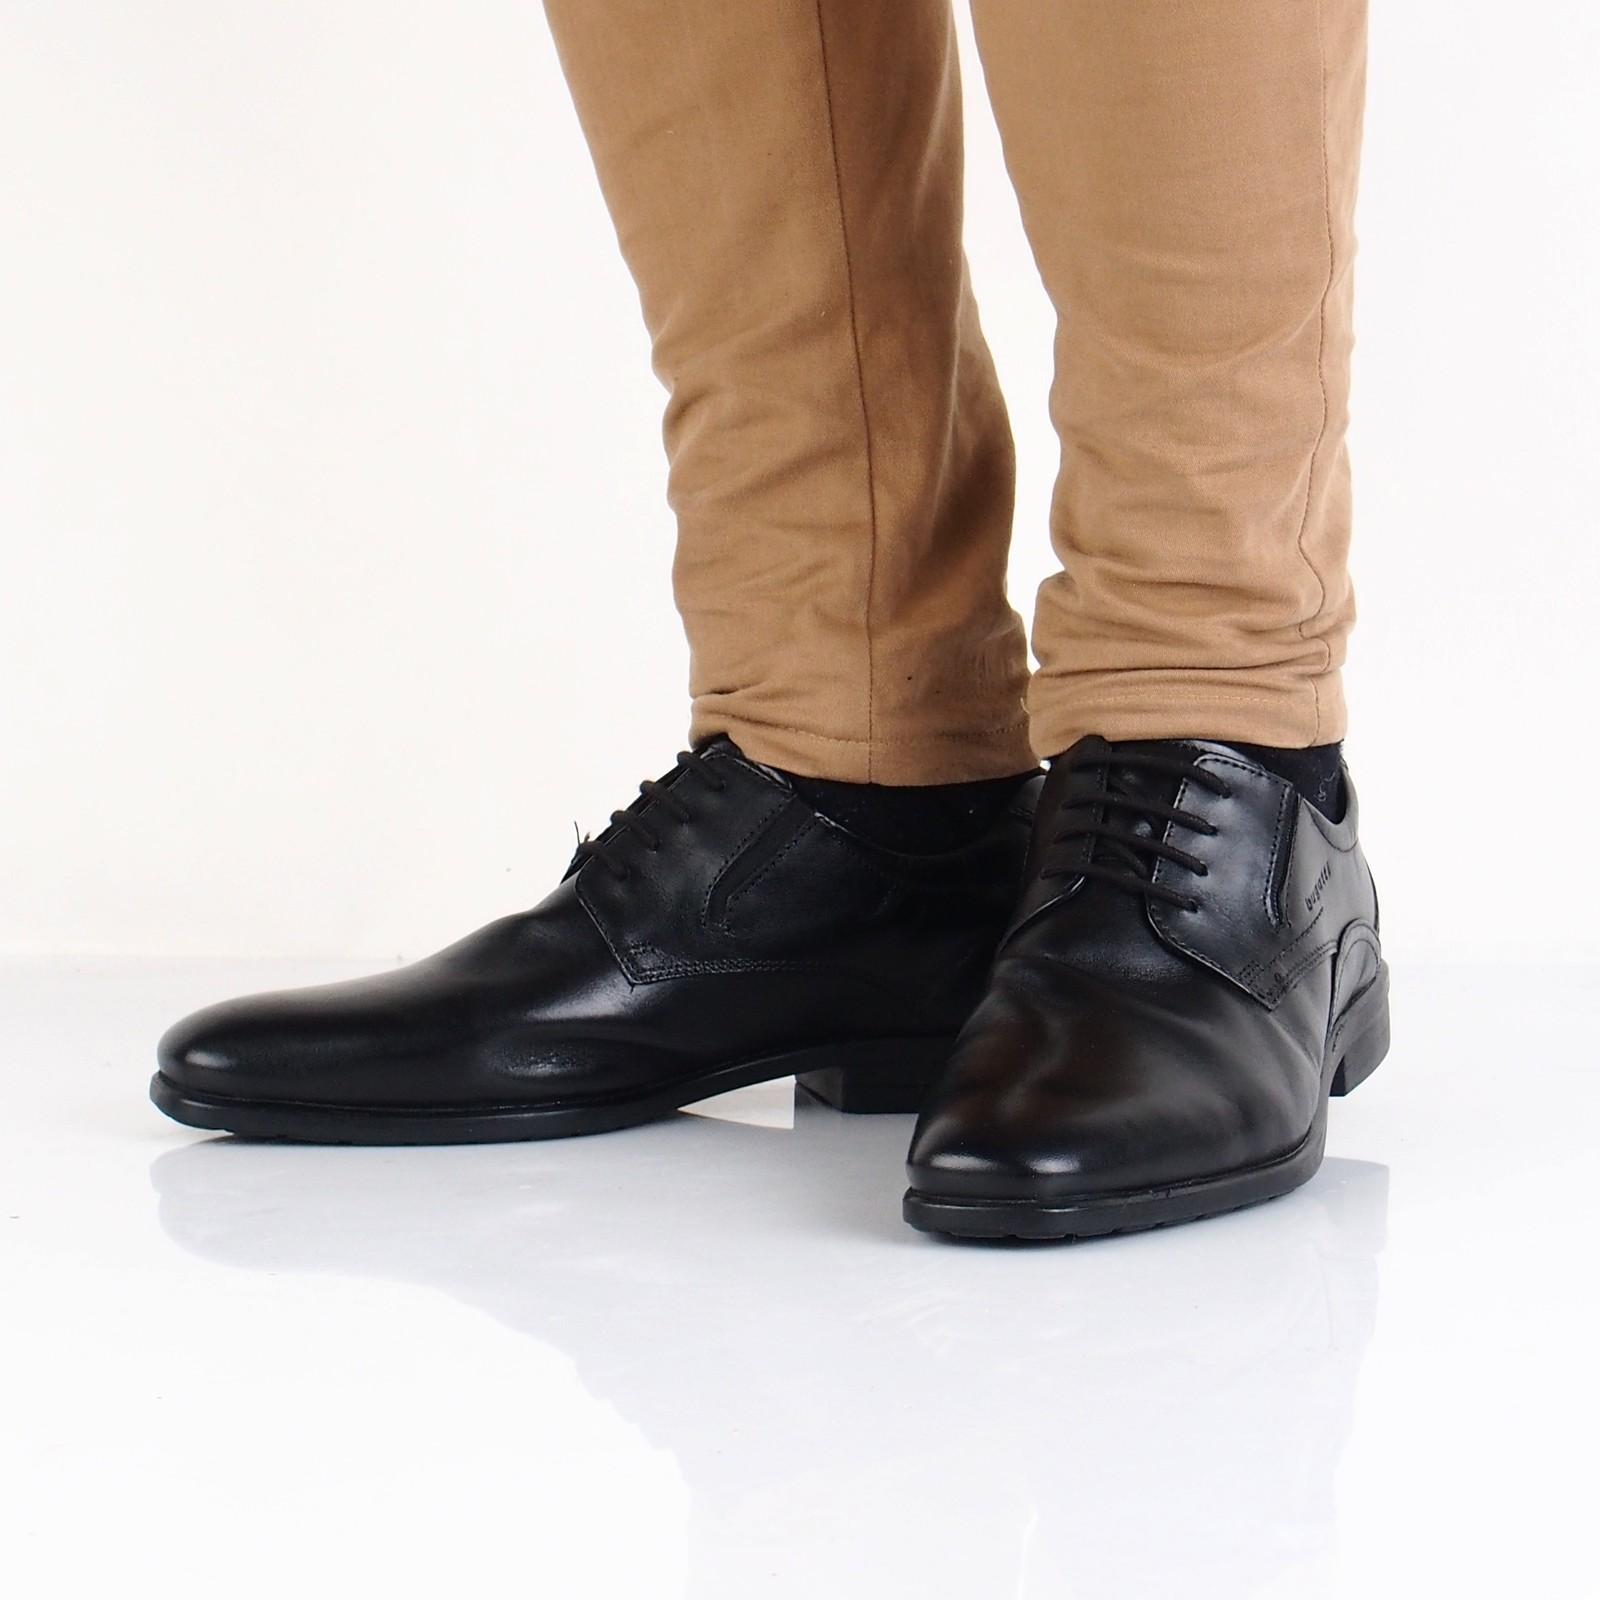 988bb57cc3b5 Bugatti pánske kožené spoločenské topánky - čierne ...